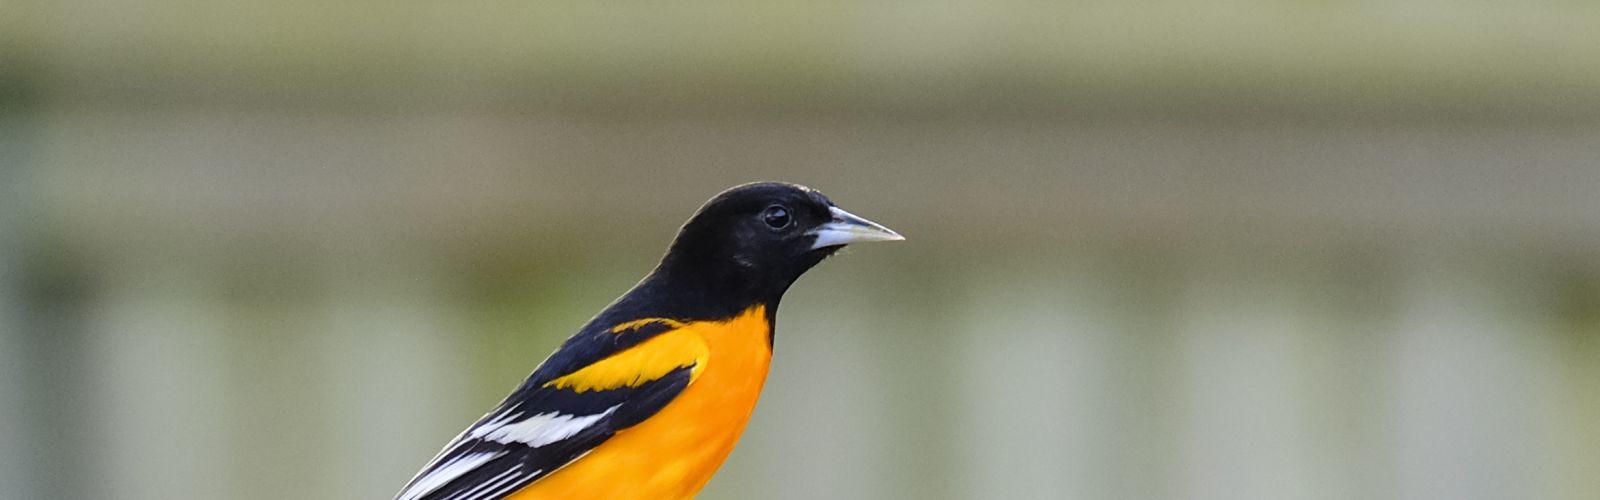 orange birdfeeder